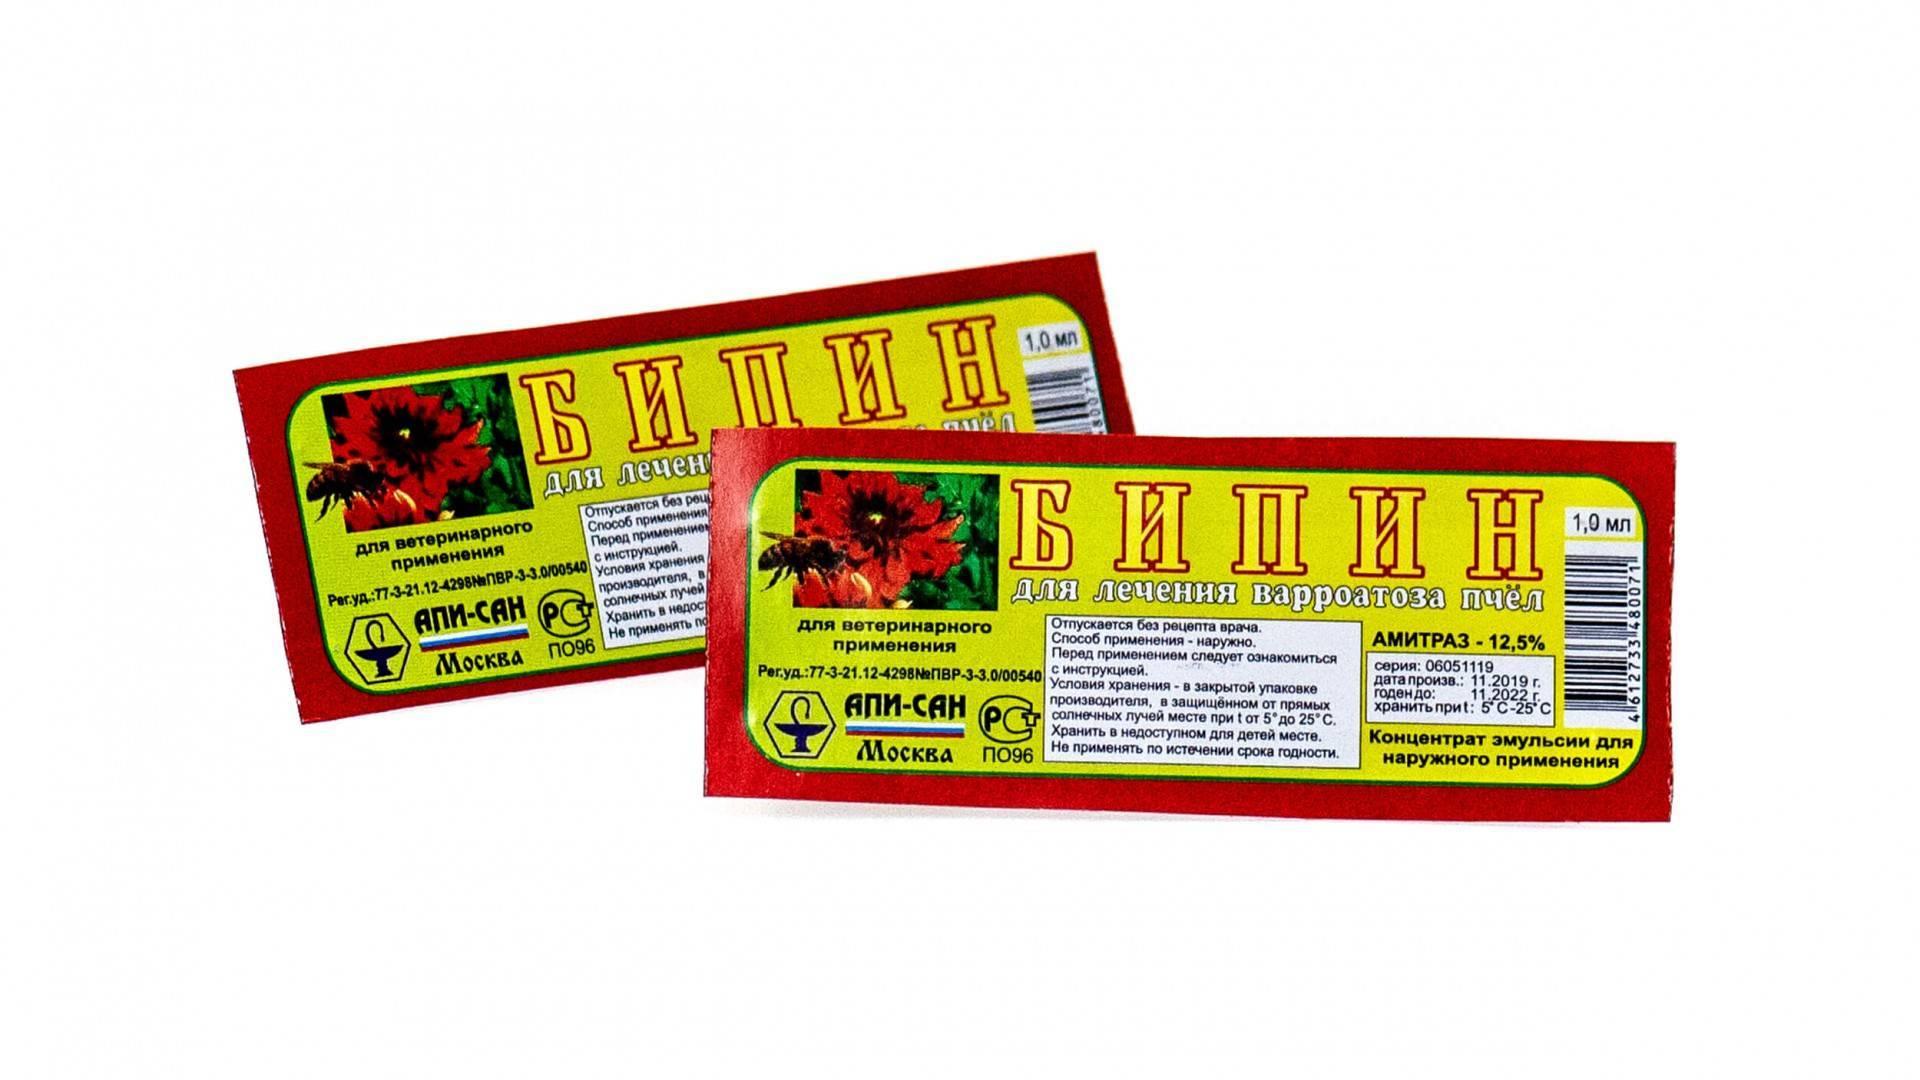 Инструкция по применению препарата бипин т 1 мл